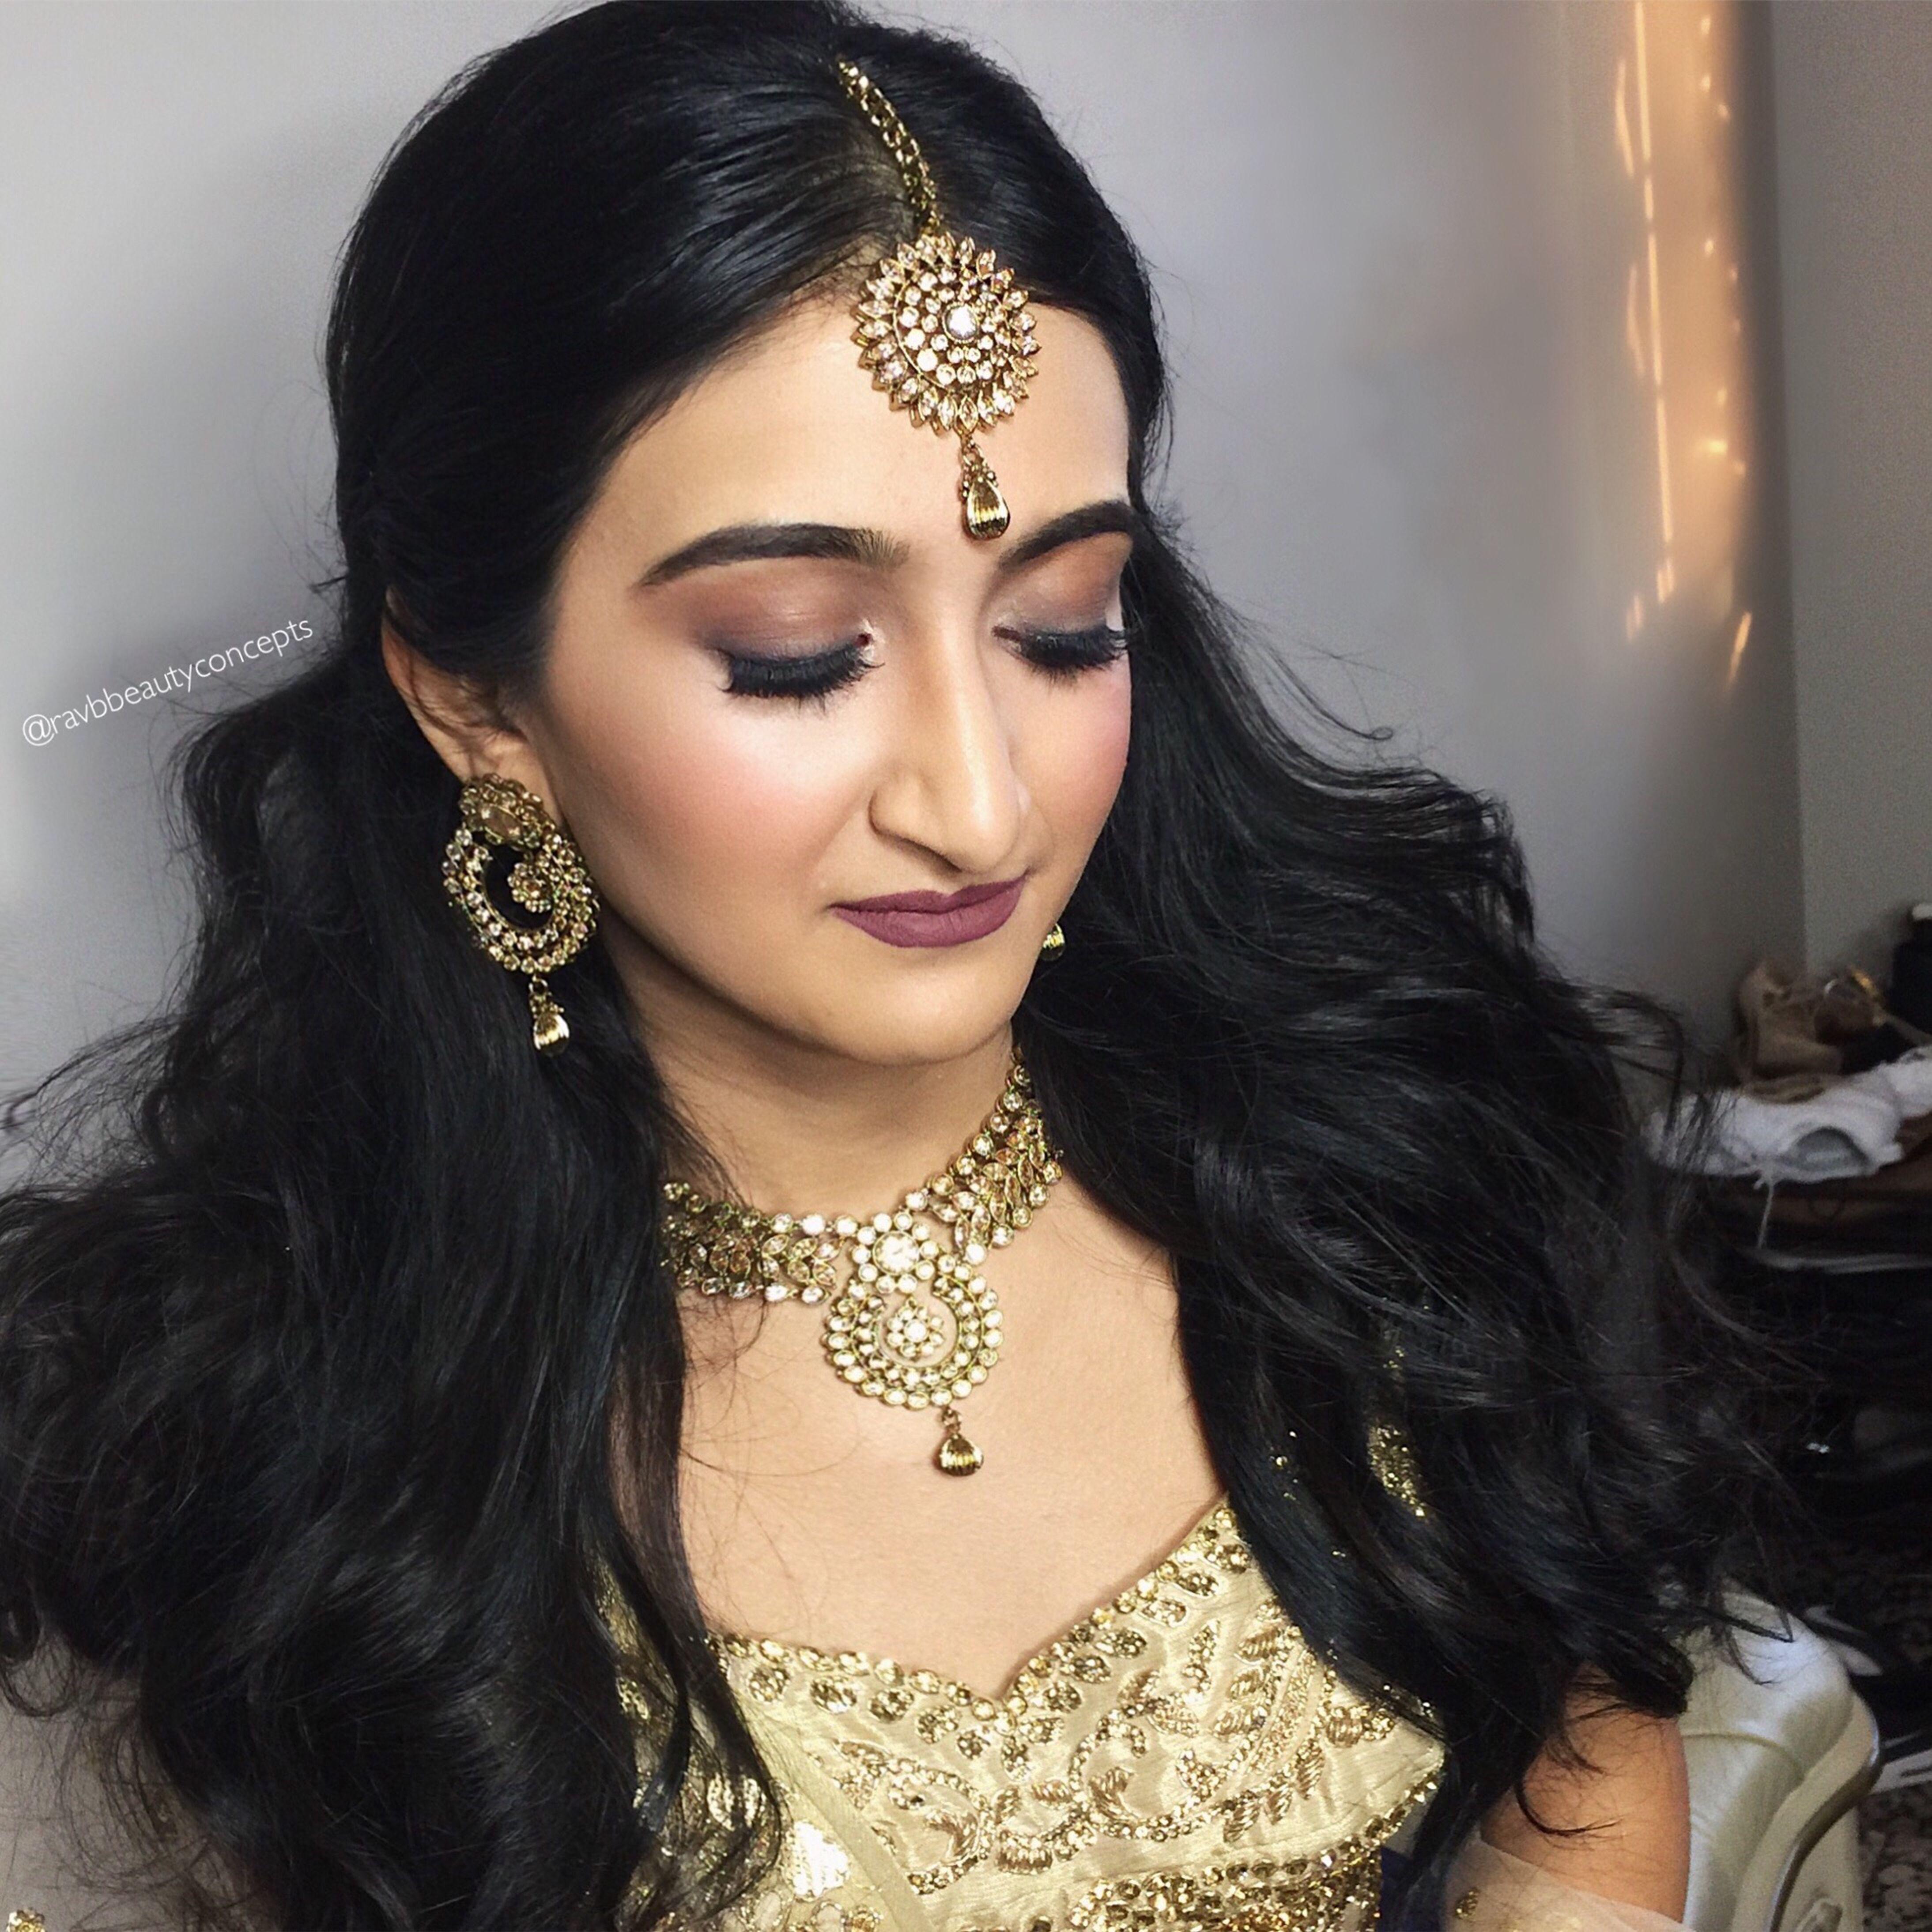 Indian Bridal Makeup Bridal Makeup Indian Bridal Hair Bridal Hair South Asian Bridal Makeup Pakista Bridal Makeup Asian Bridal Makeup Indian Bridal Makeup